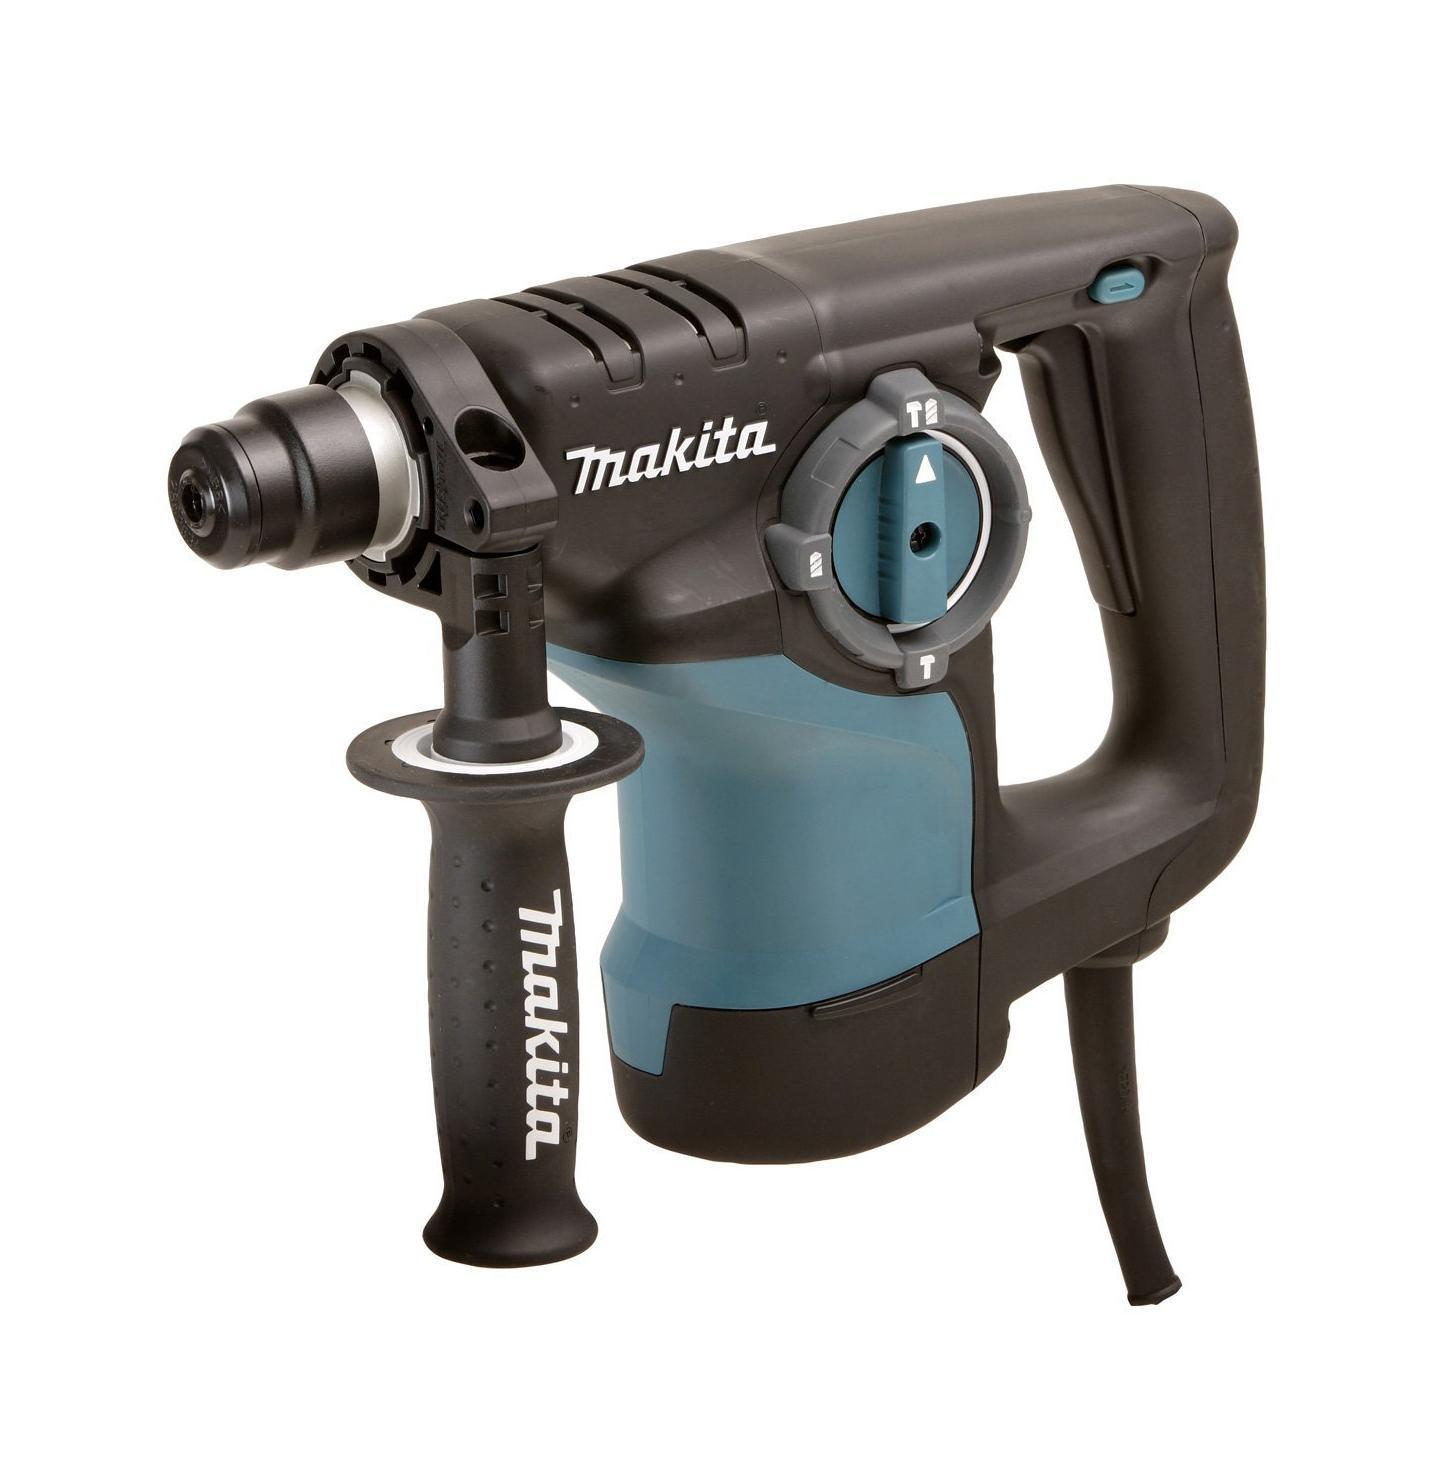 Перфоратор Makita HR2810, SDS+HR 2810Makita HR 2810 - трехрежимный профессиональный перфоратор. Рассчитан на сверление прочных материалов. Три рабочих режима предназначены для обычного и ударного сверления бетона, камня и кирпича, а также для безударного сверления керамики, дерева, металла и пластмассы. Трехрежимный компактный перфоратор Makita HR 2810 имеет отличительную особенность - двигатель расположен вертикально, что особенно удобно при потолочных работах. Электрический перфоратор Makita HR 2810совершает удар при помощи электропневматического механизма. Силовое давление на боек, приводящий в движение бур, оказывает поршень, на который производится воздействие сжатым воздухом. Если устройство работает на холостом ходу - удар не производится. Так как скорость вращения регулируется, это дает возможность выбора оптимального режима сверления. Инструмент имеет отличные рабочие характеристики благодаря усовершенствованной конструкции реверса и возможности установки долота в 40 угловых положениях - это облегчает работу в различных положениях. Предохранительная разрывная муфта предотвращает рывки инструмента в случае заклинивания бура в арматуре. Устройство оснащено двойной защитной изоляцией, имеется возможность подключения системы пылеудаления, также предусмотрена электронная регулировка количества оборотов.Особенности:Отсутствие удара на холостом ходу, Вертикальное расположение двигателя, Максимальный диаметр сверления (полой коронкой): 70 мм,Антивибрационные ручки,Антивибрационная боковая рукоятка, Эргономичная рукоятка с резиновыми накладками,Электронный контроль регулировки скорости,Уровень звуковой мощности - 100 дБ(А),Класс безопасности - 2.